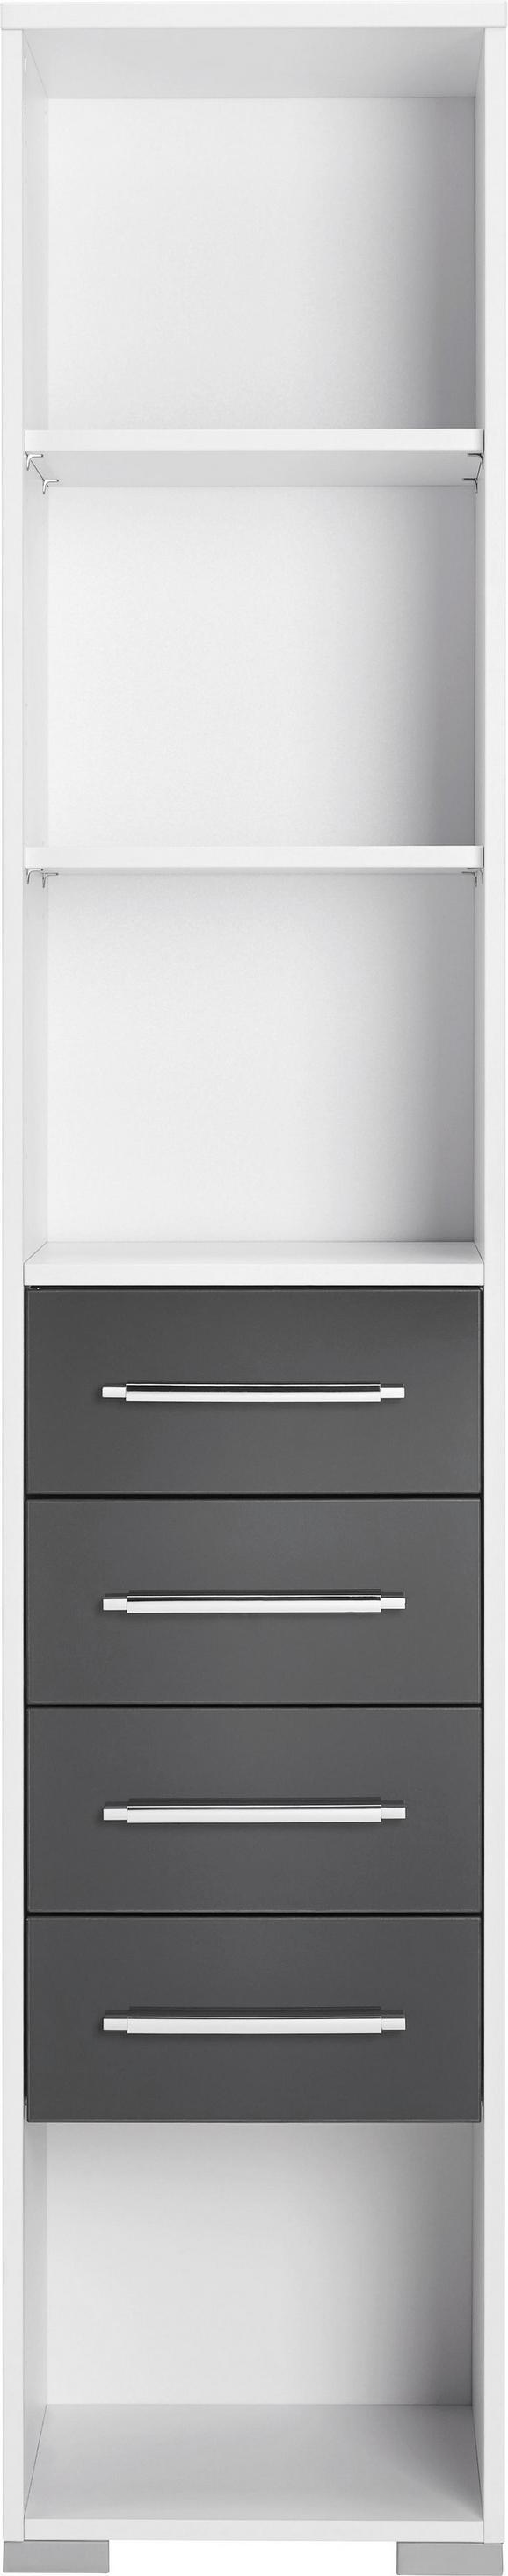 Aktenregal in Weiß, exkl. Fronten - Silberfarben/Weiß, MODERN, Holzwerkstoff/Kunststoff (42,1/214,5/40cm) - MÖMAX modern living